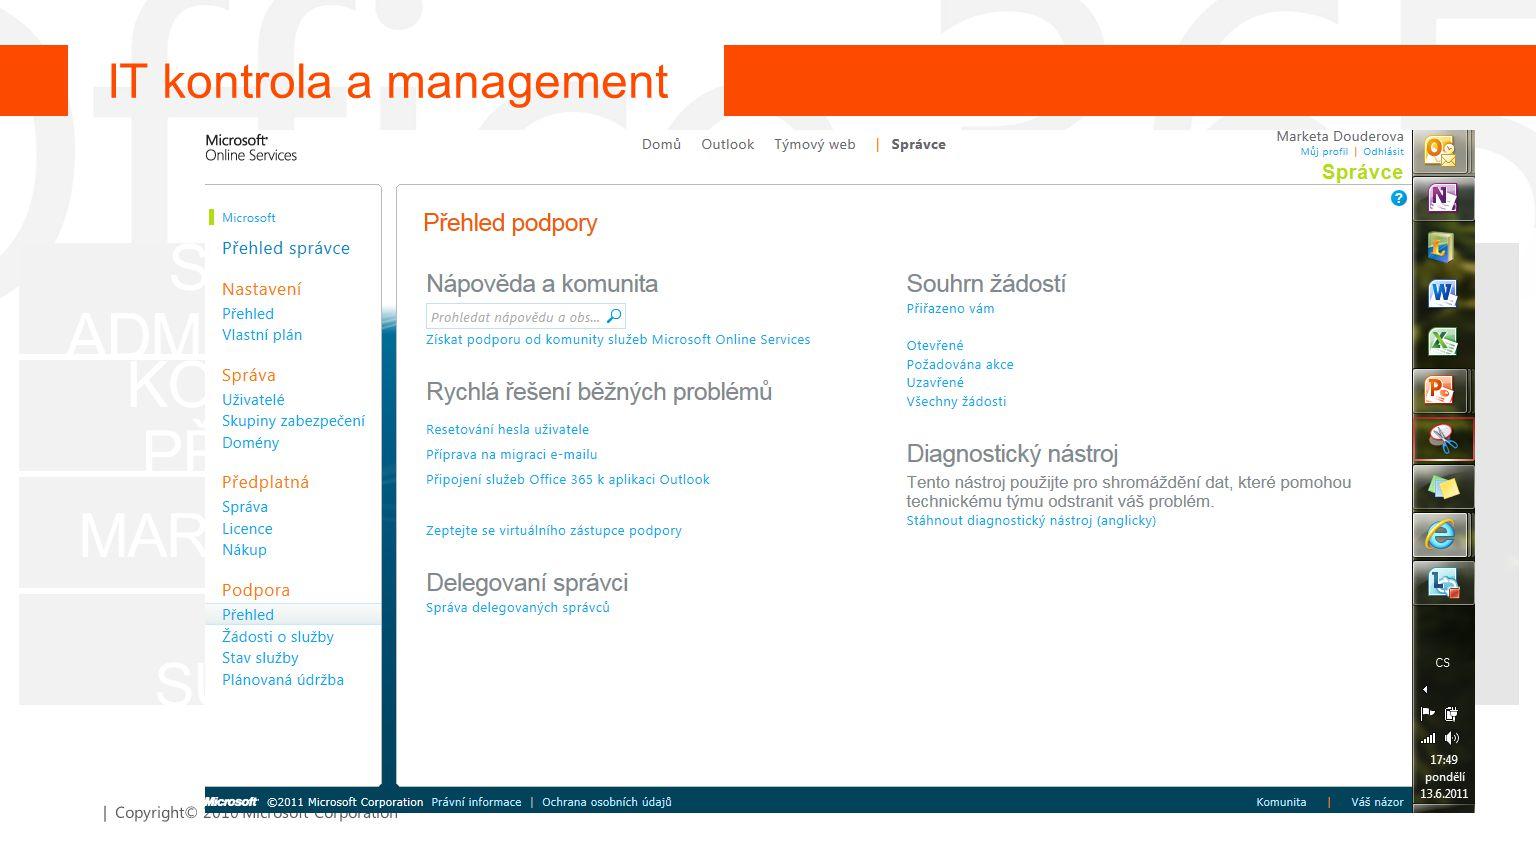 | Copyright© 2010 Microsoft Corporation SNADNÁ ADMINISTRACE KONTROLA PŘÍSTUPŮ MARKETPLACE 24/7 IT SUPPORT IT kontrola a management